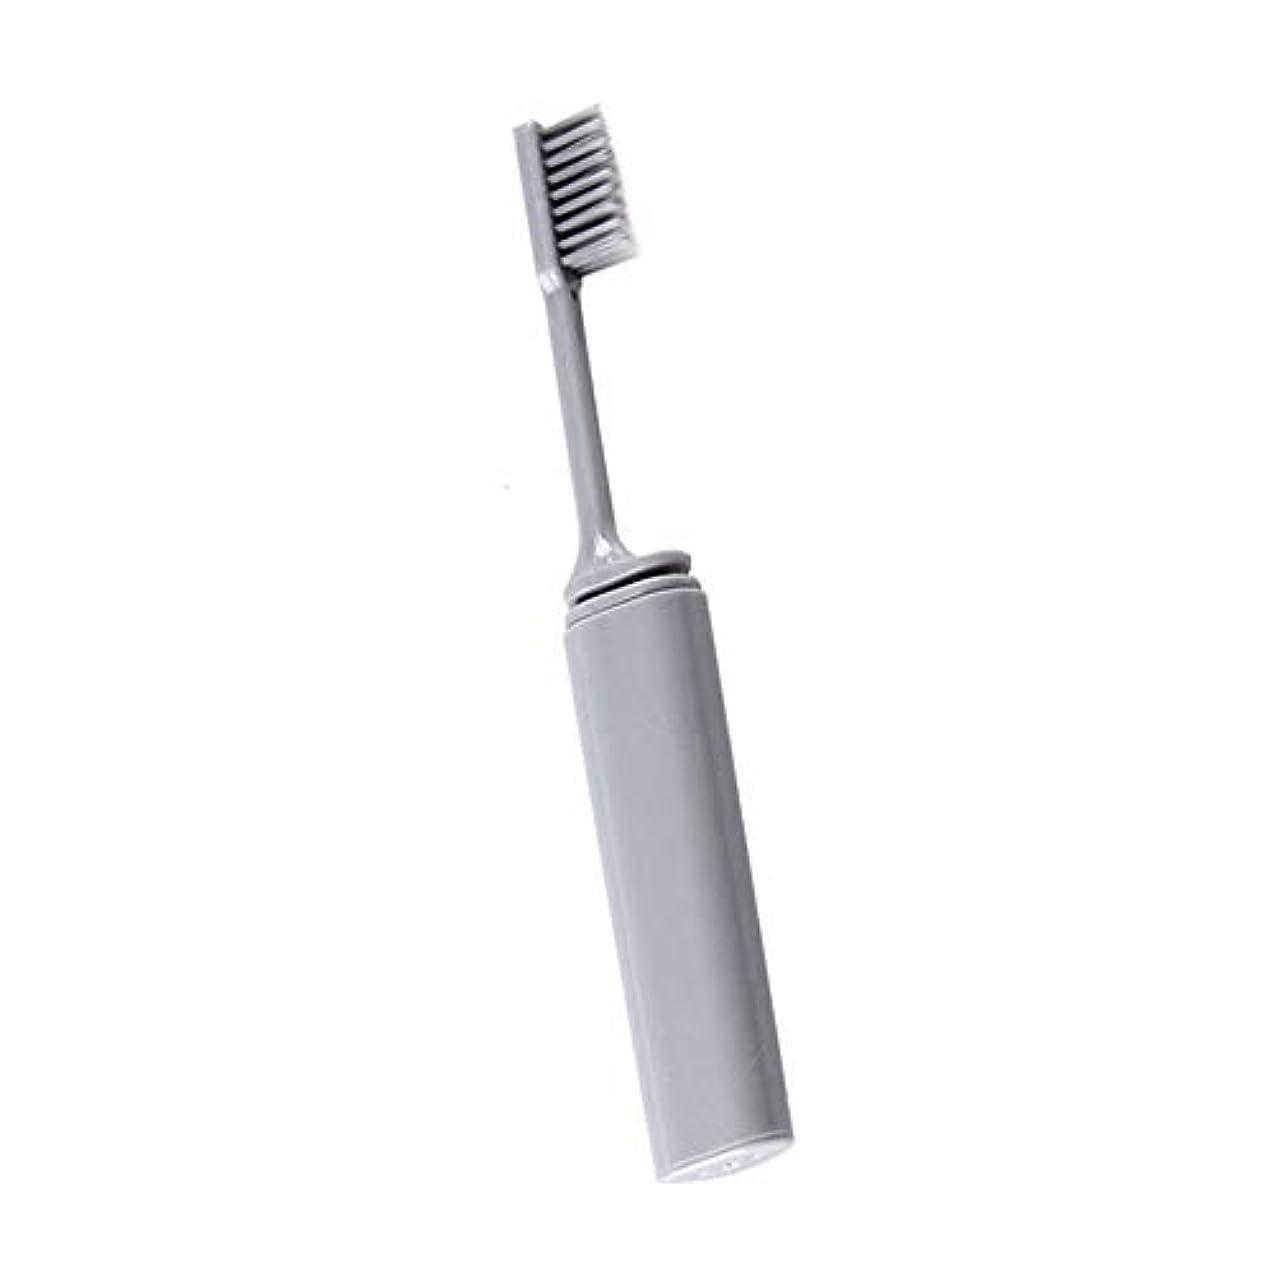 ターゲット何故なの処方Onior 旅行歯ブラシ 折りたたみ歯ブラシ 携帯歯ブラシ 外出 旅行用品, ソフト コンパクト歯ブラシ 便利 折りたたみ 耐久性 携帯用 灰色